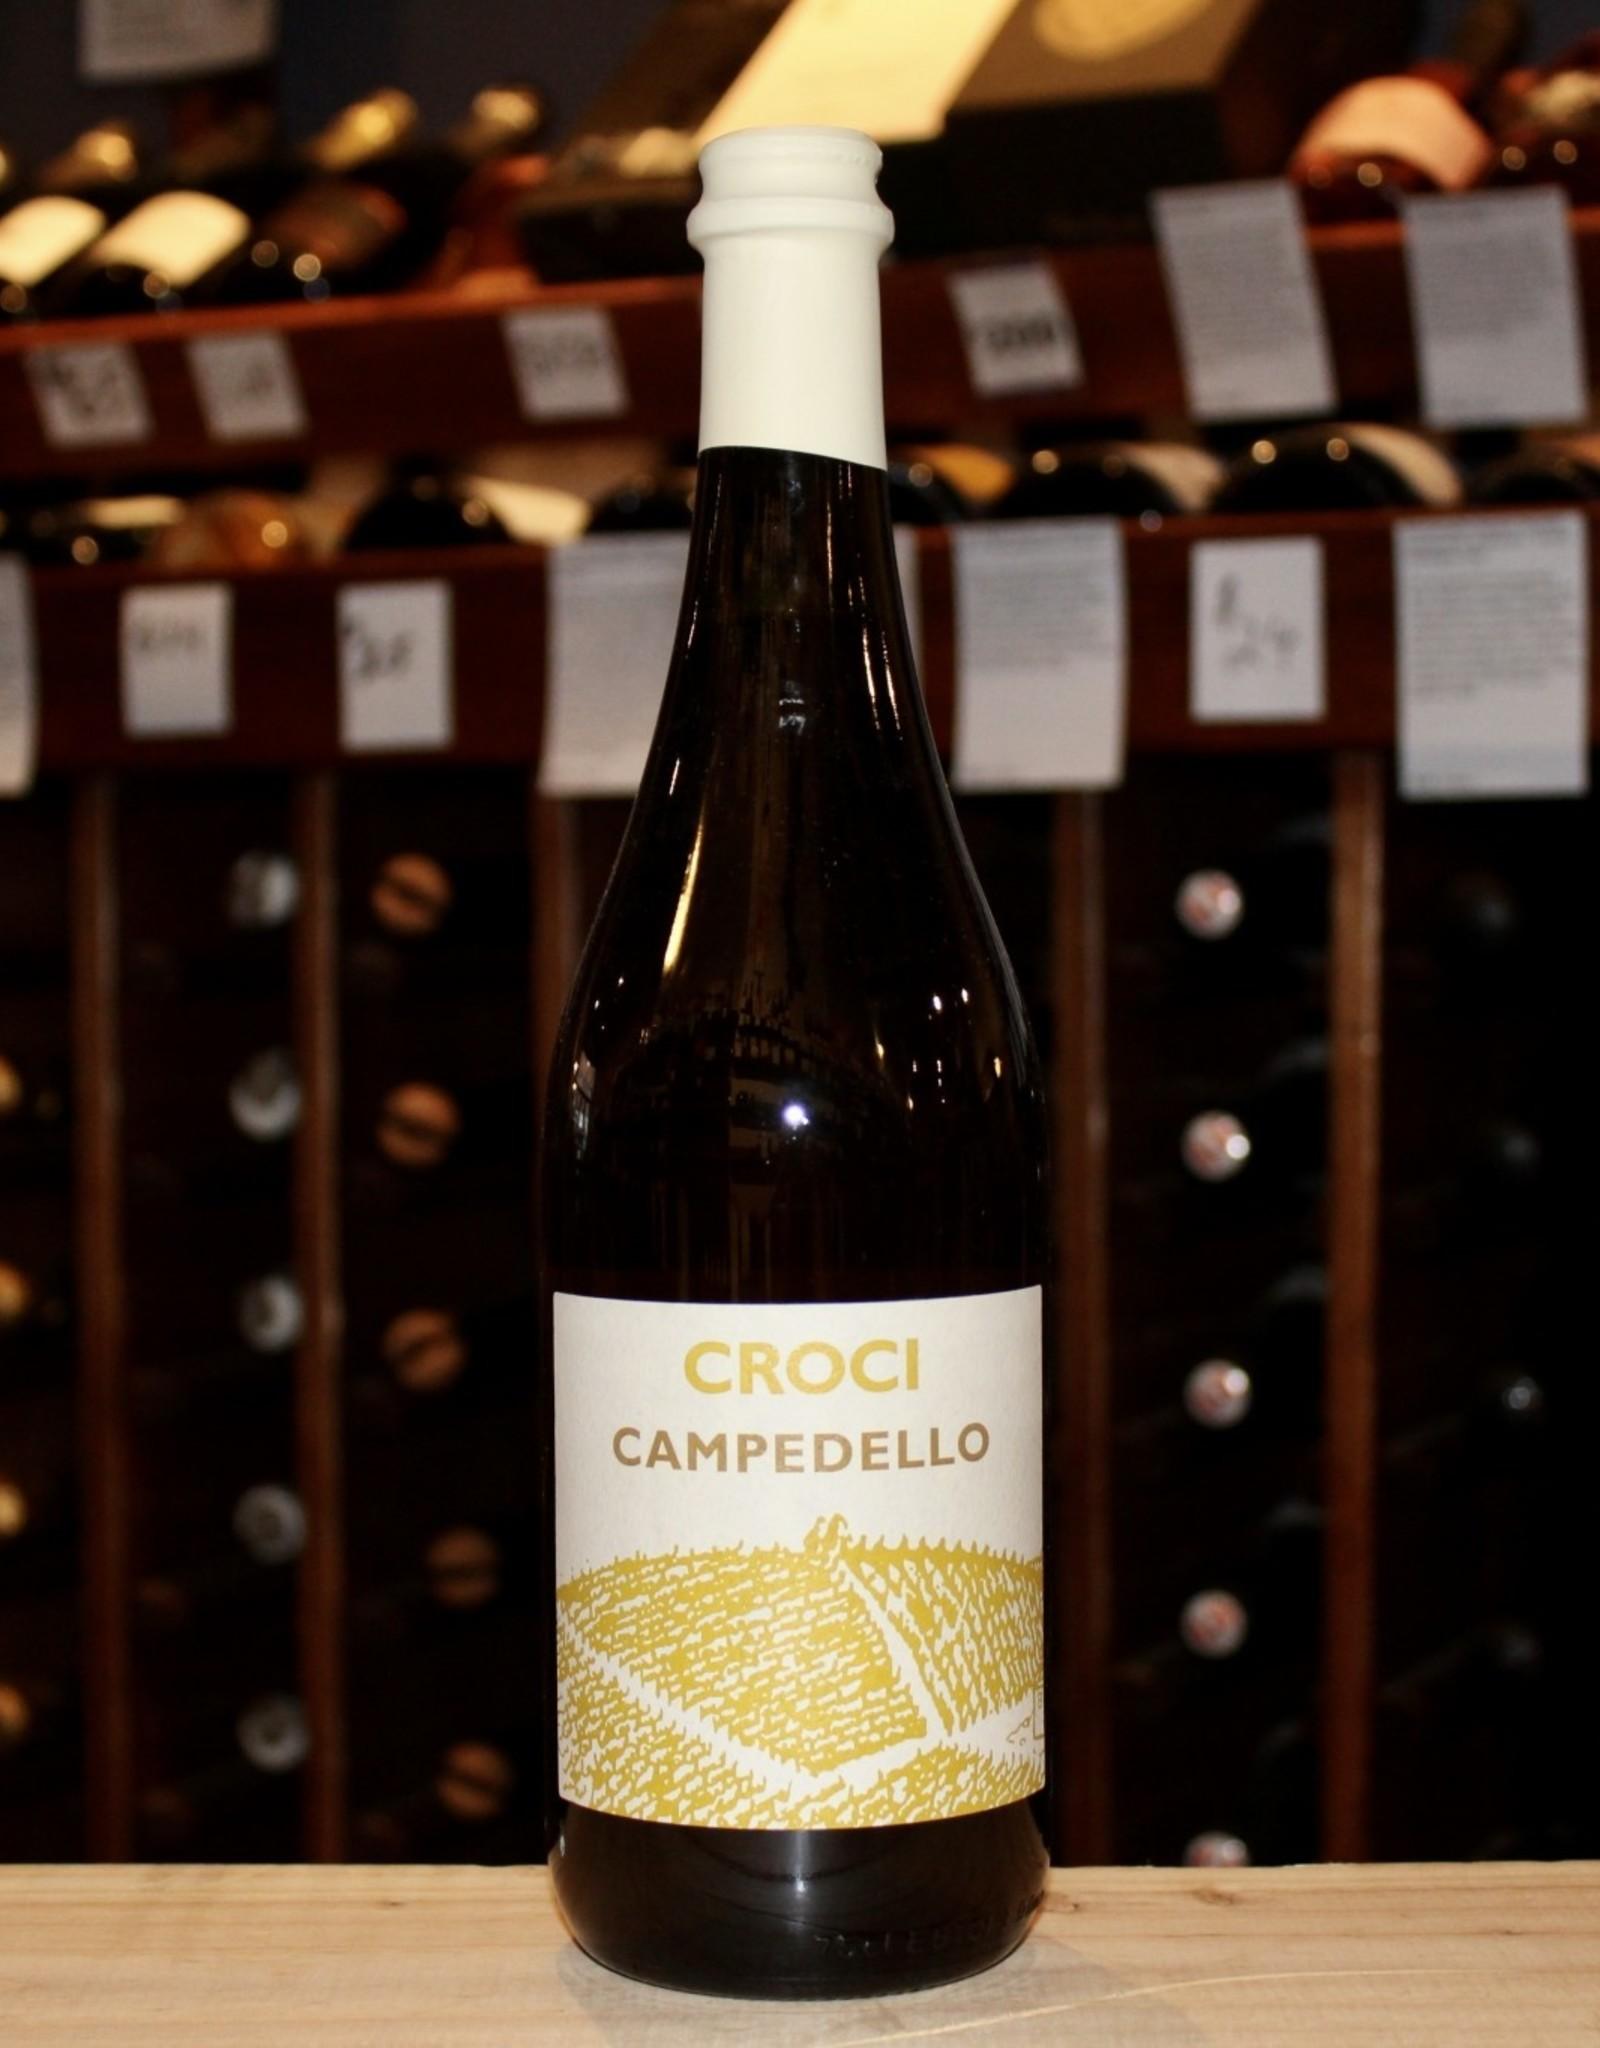 Wine 2019 Croci Campedello Bianco Frizzante - Colli Piacentini, Emilia Romagna, Italy (750ml)